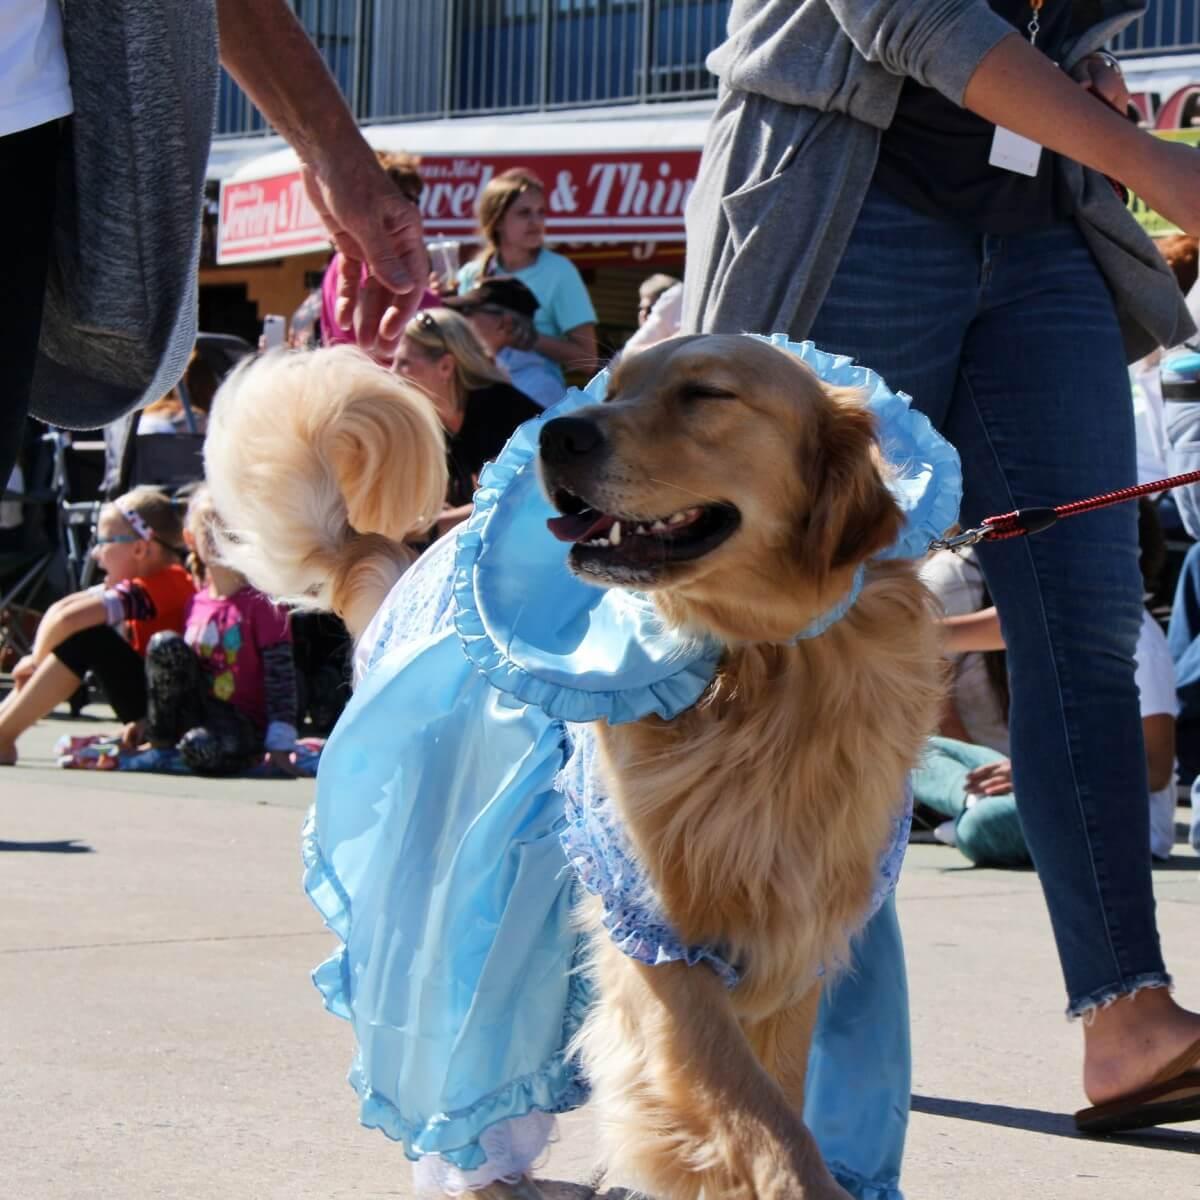 Dog in a bonnet